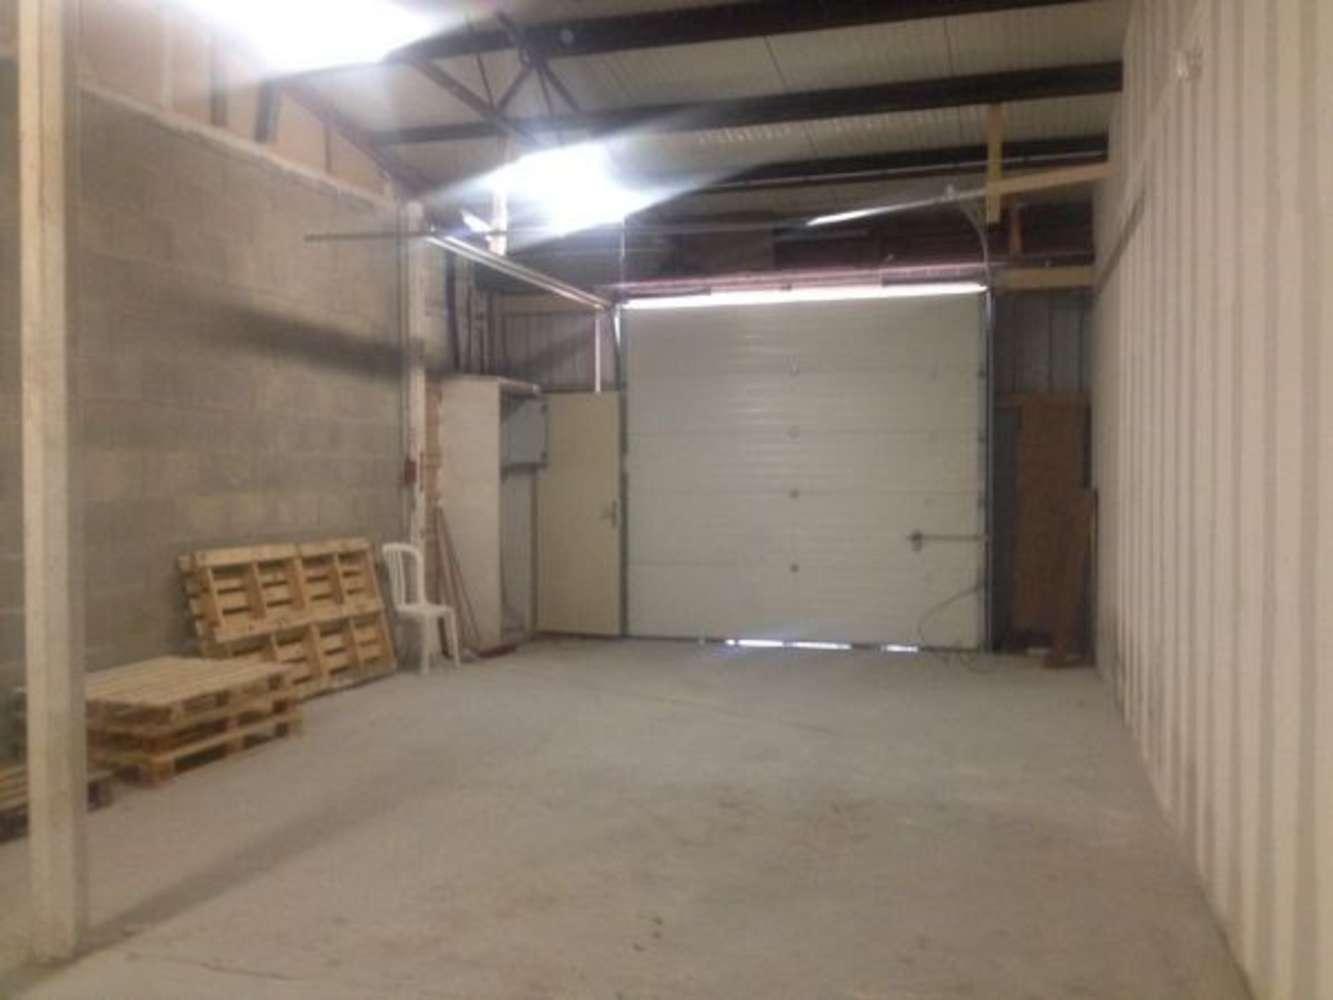 Activités/entrepôt Dinan, 22100 - DINAN - 7169889